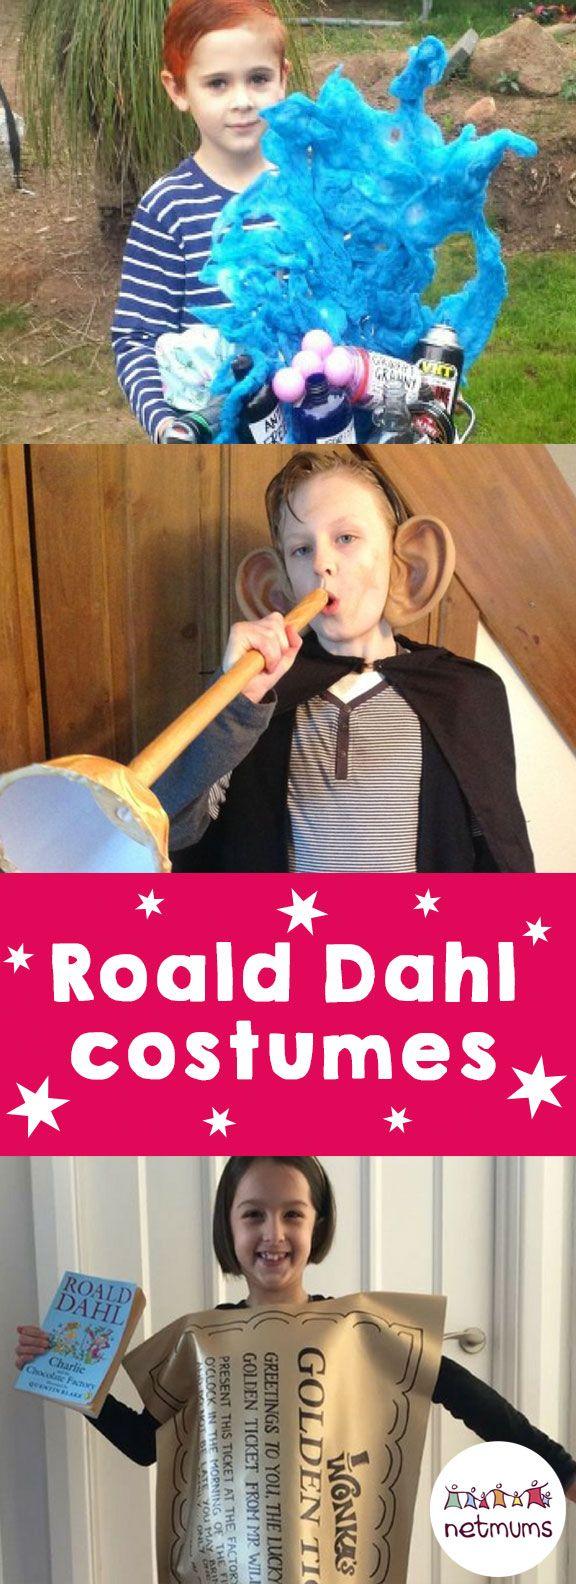 Roald Dahl costume ideas.